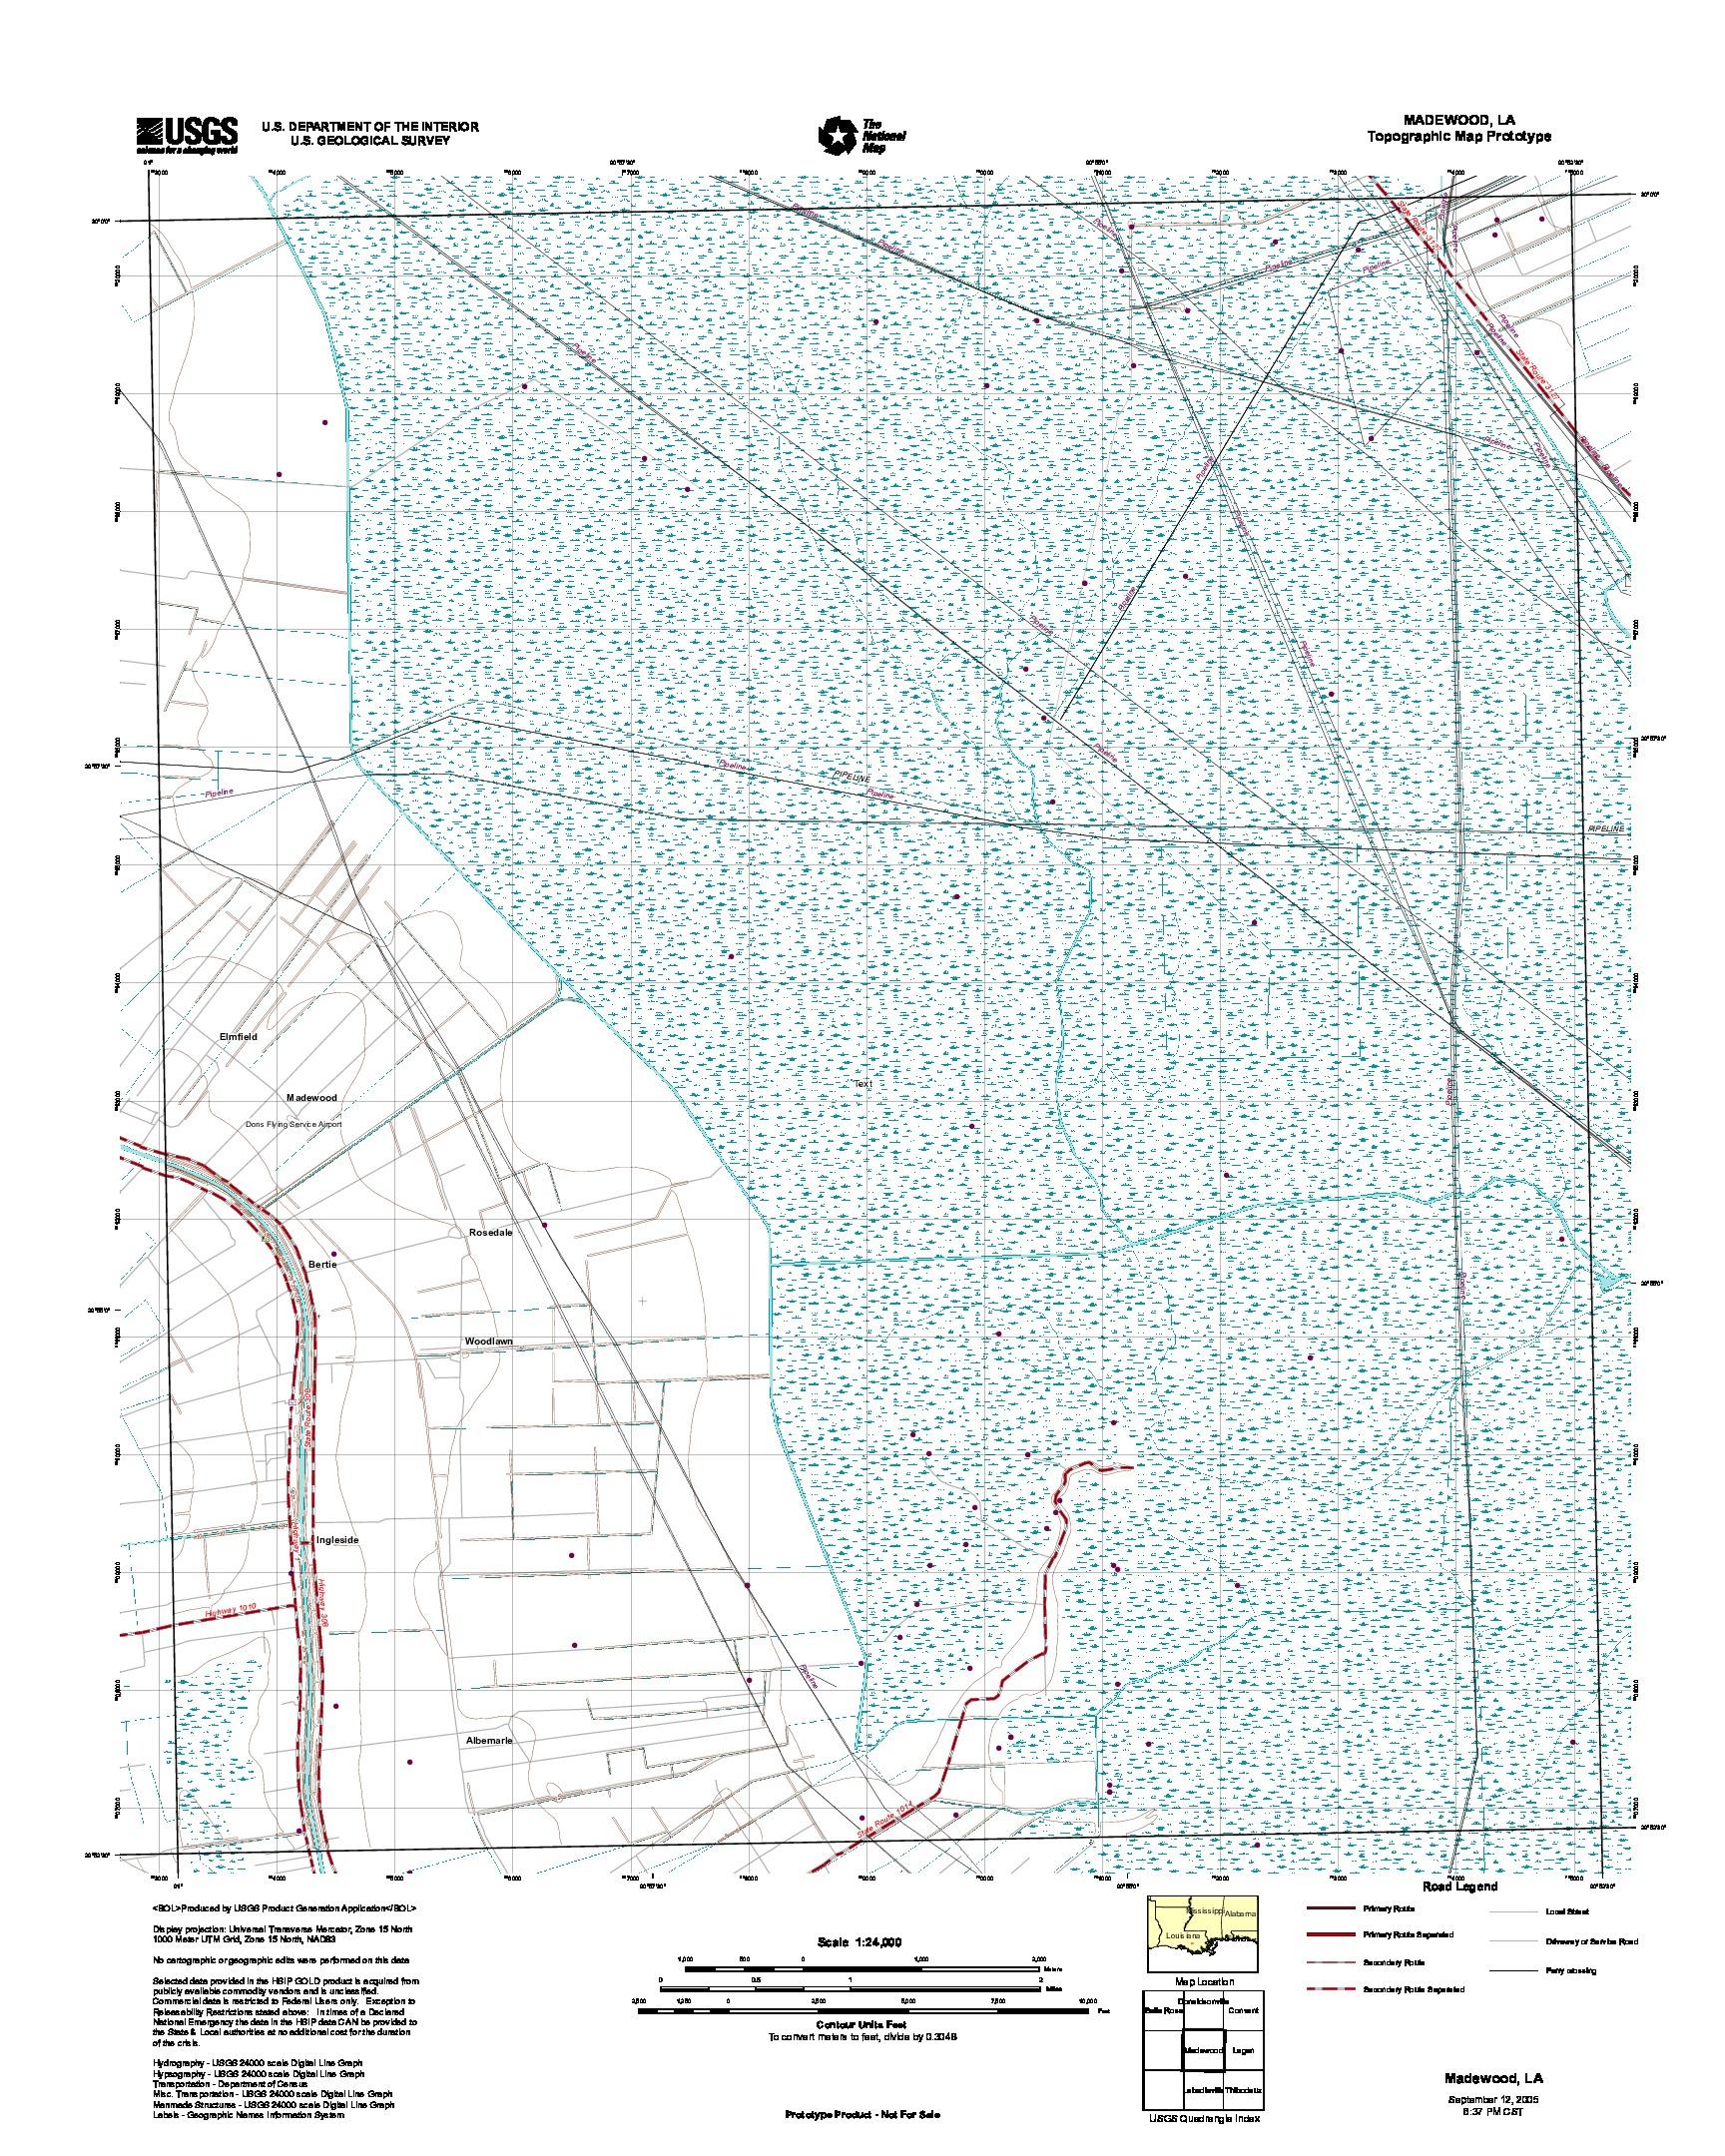 Prototipo de Mapa Topográfico de Madewood, Luisiana, Estados Unidos, Septiembre 12, 2005